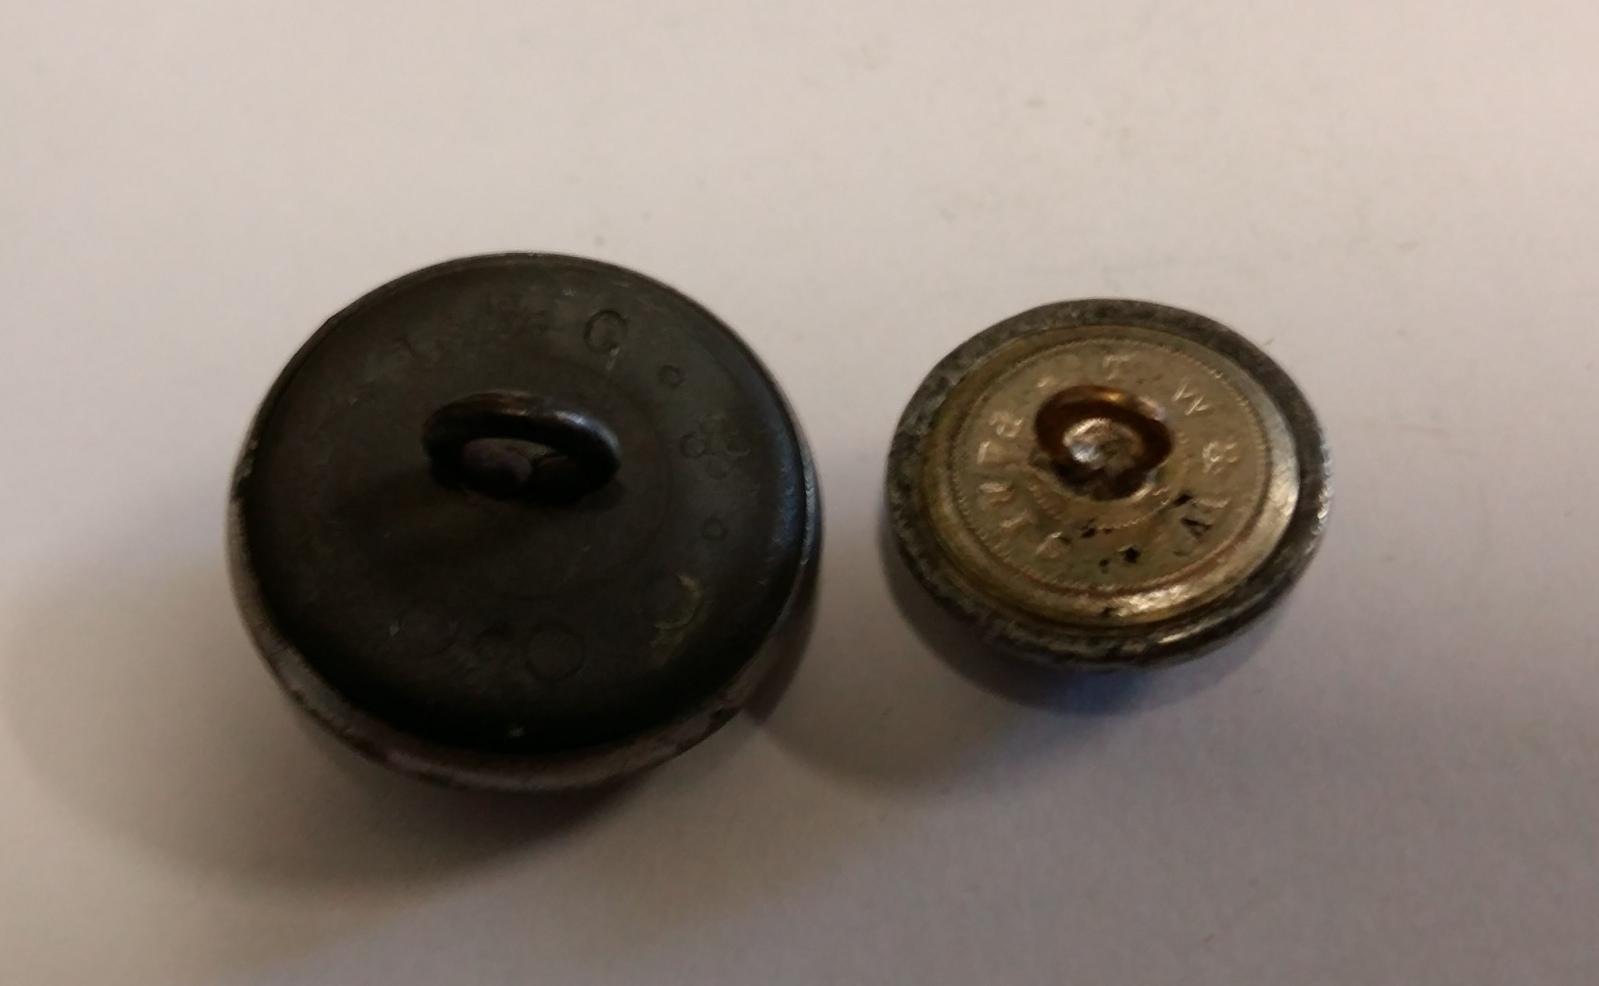 Identificación de botones 2n9fgqa